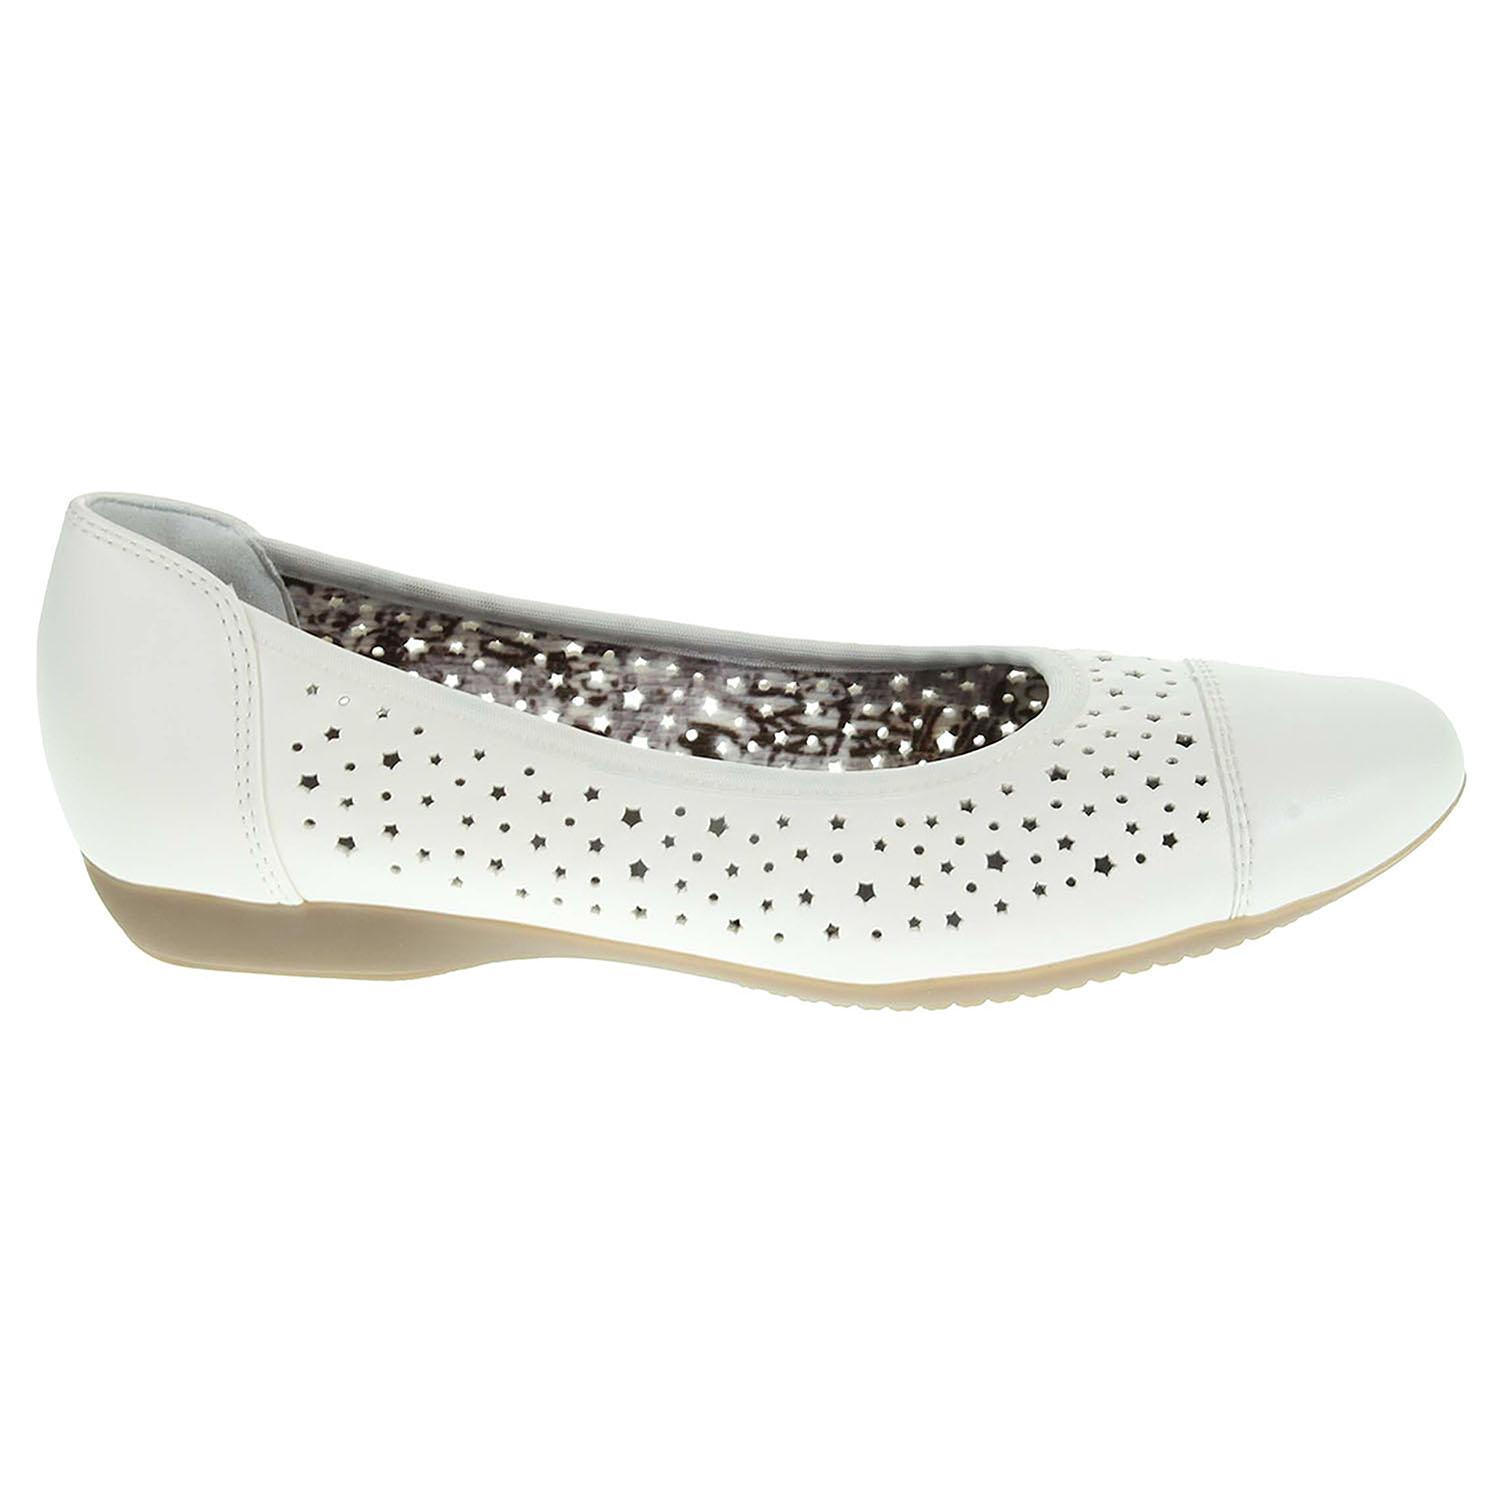 Ara dámské baleriny 53383-05 bílé 36